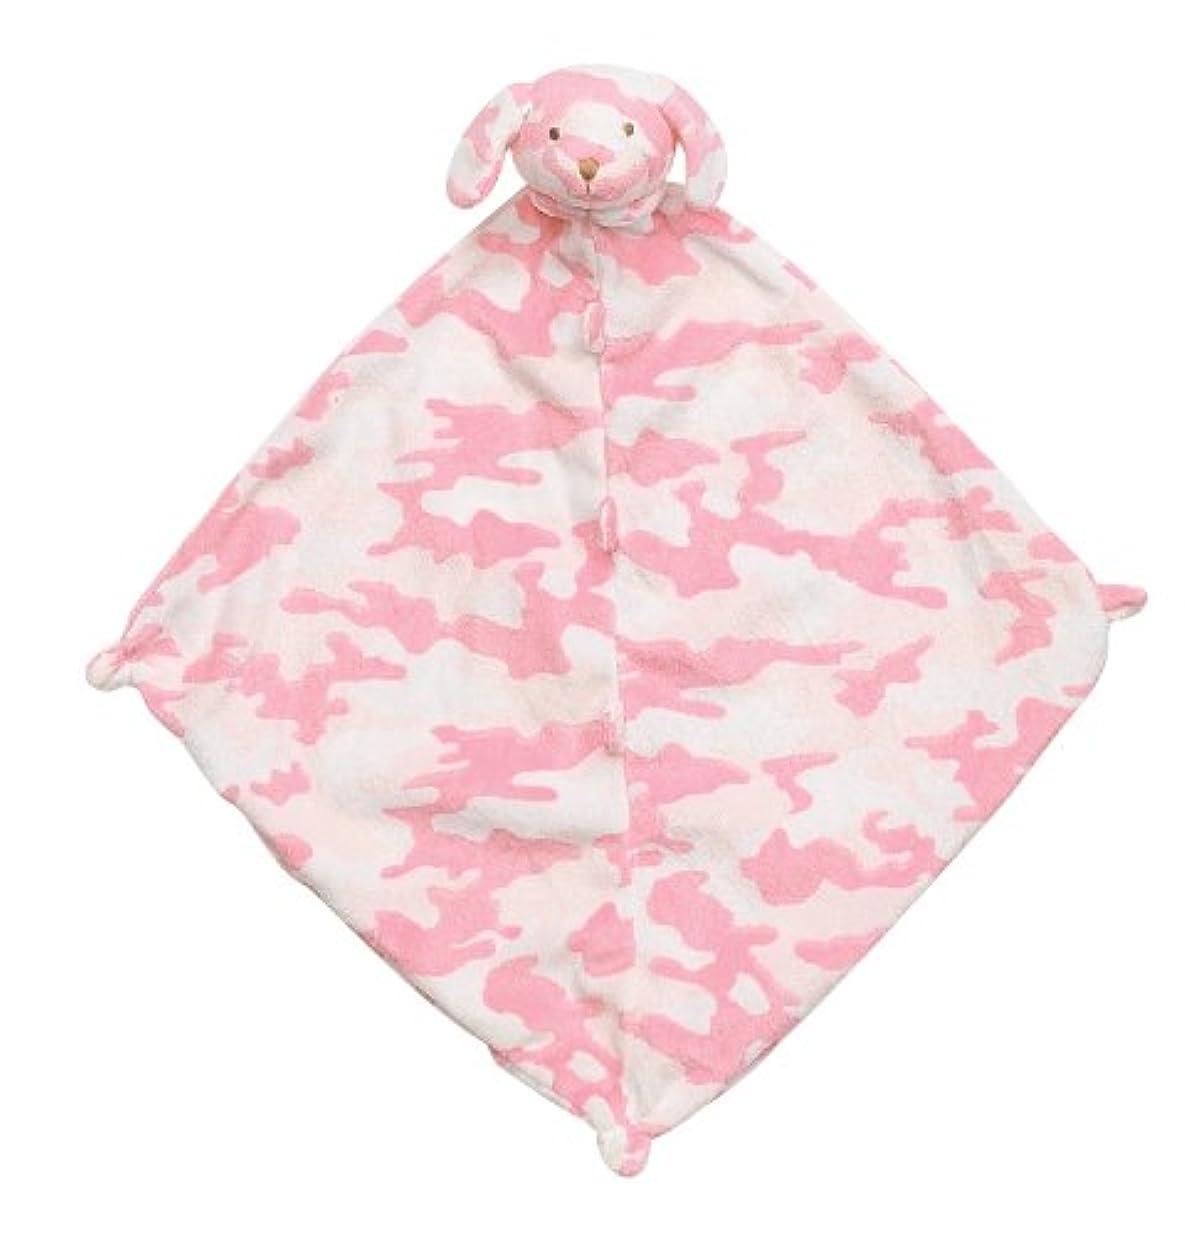 パーティー保険をかけるジェスチャーAngel Dear Blankie ブランケット 出産 祝い ピンク カモ イヌ